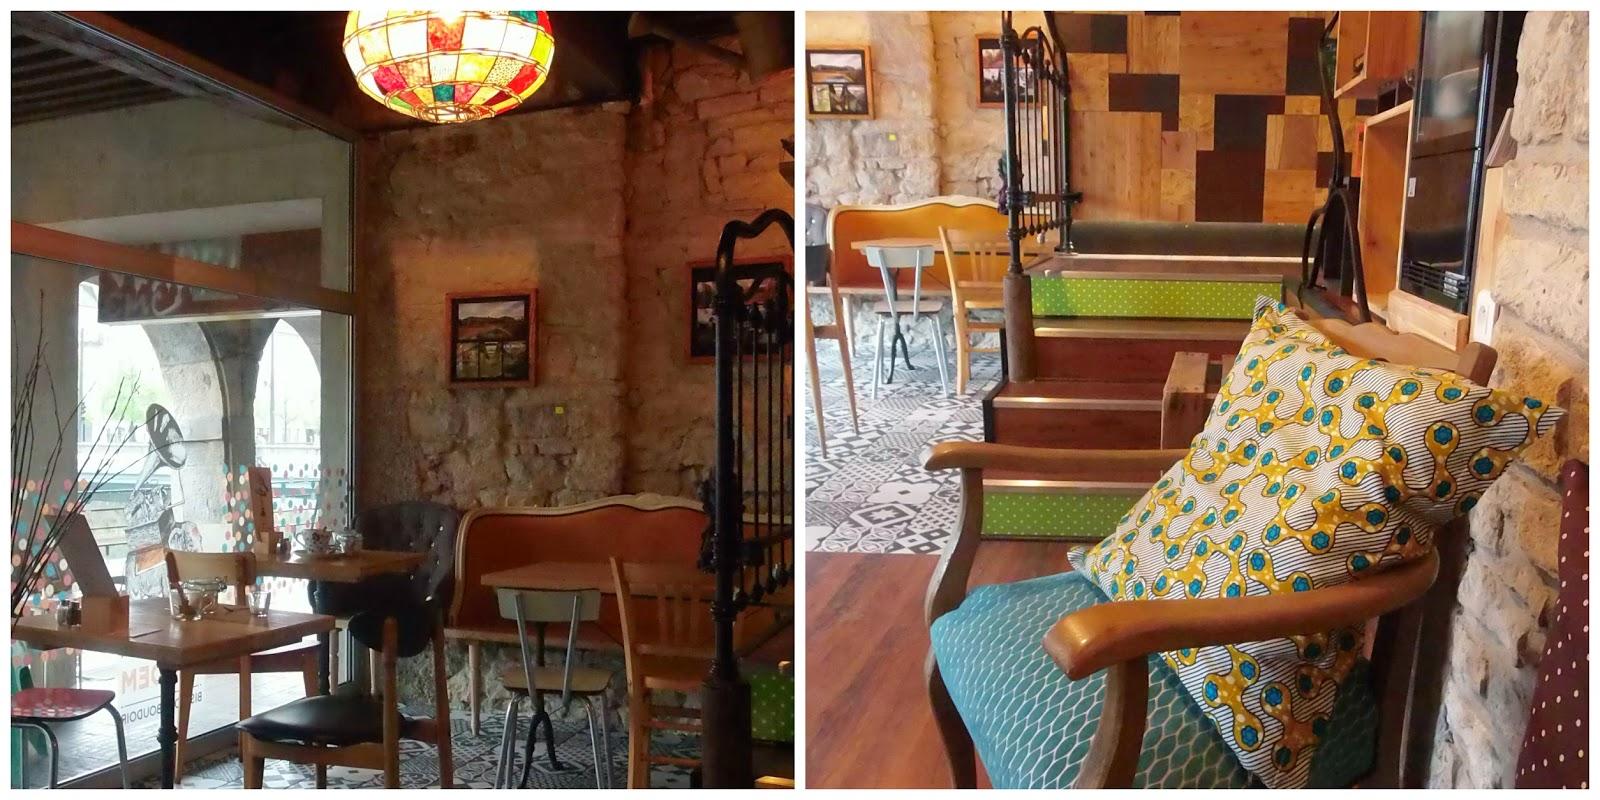 Besançon, blog lifestyle, bonnes adresses